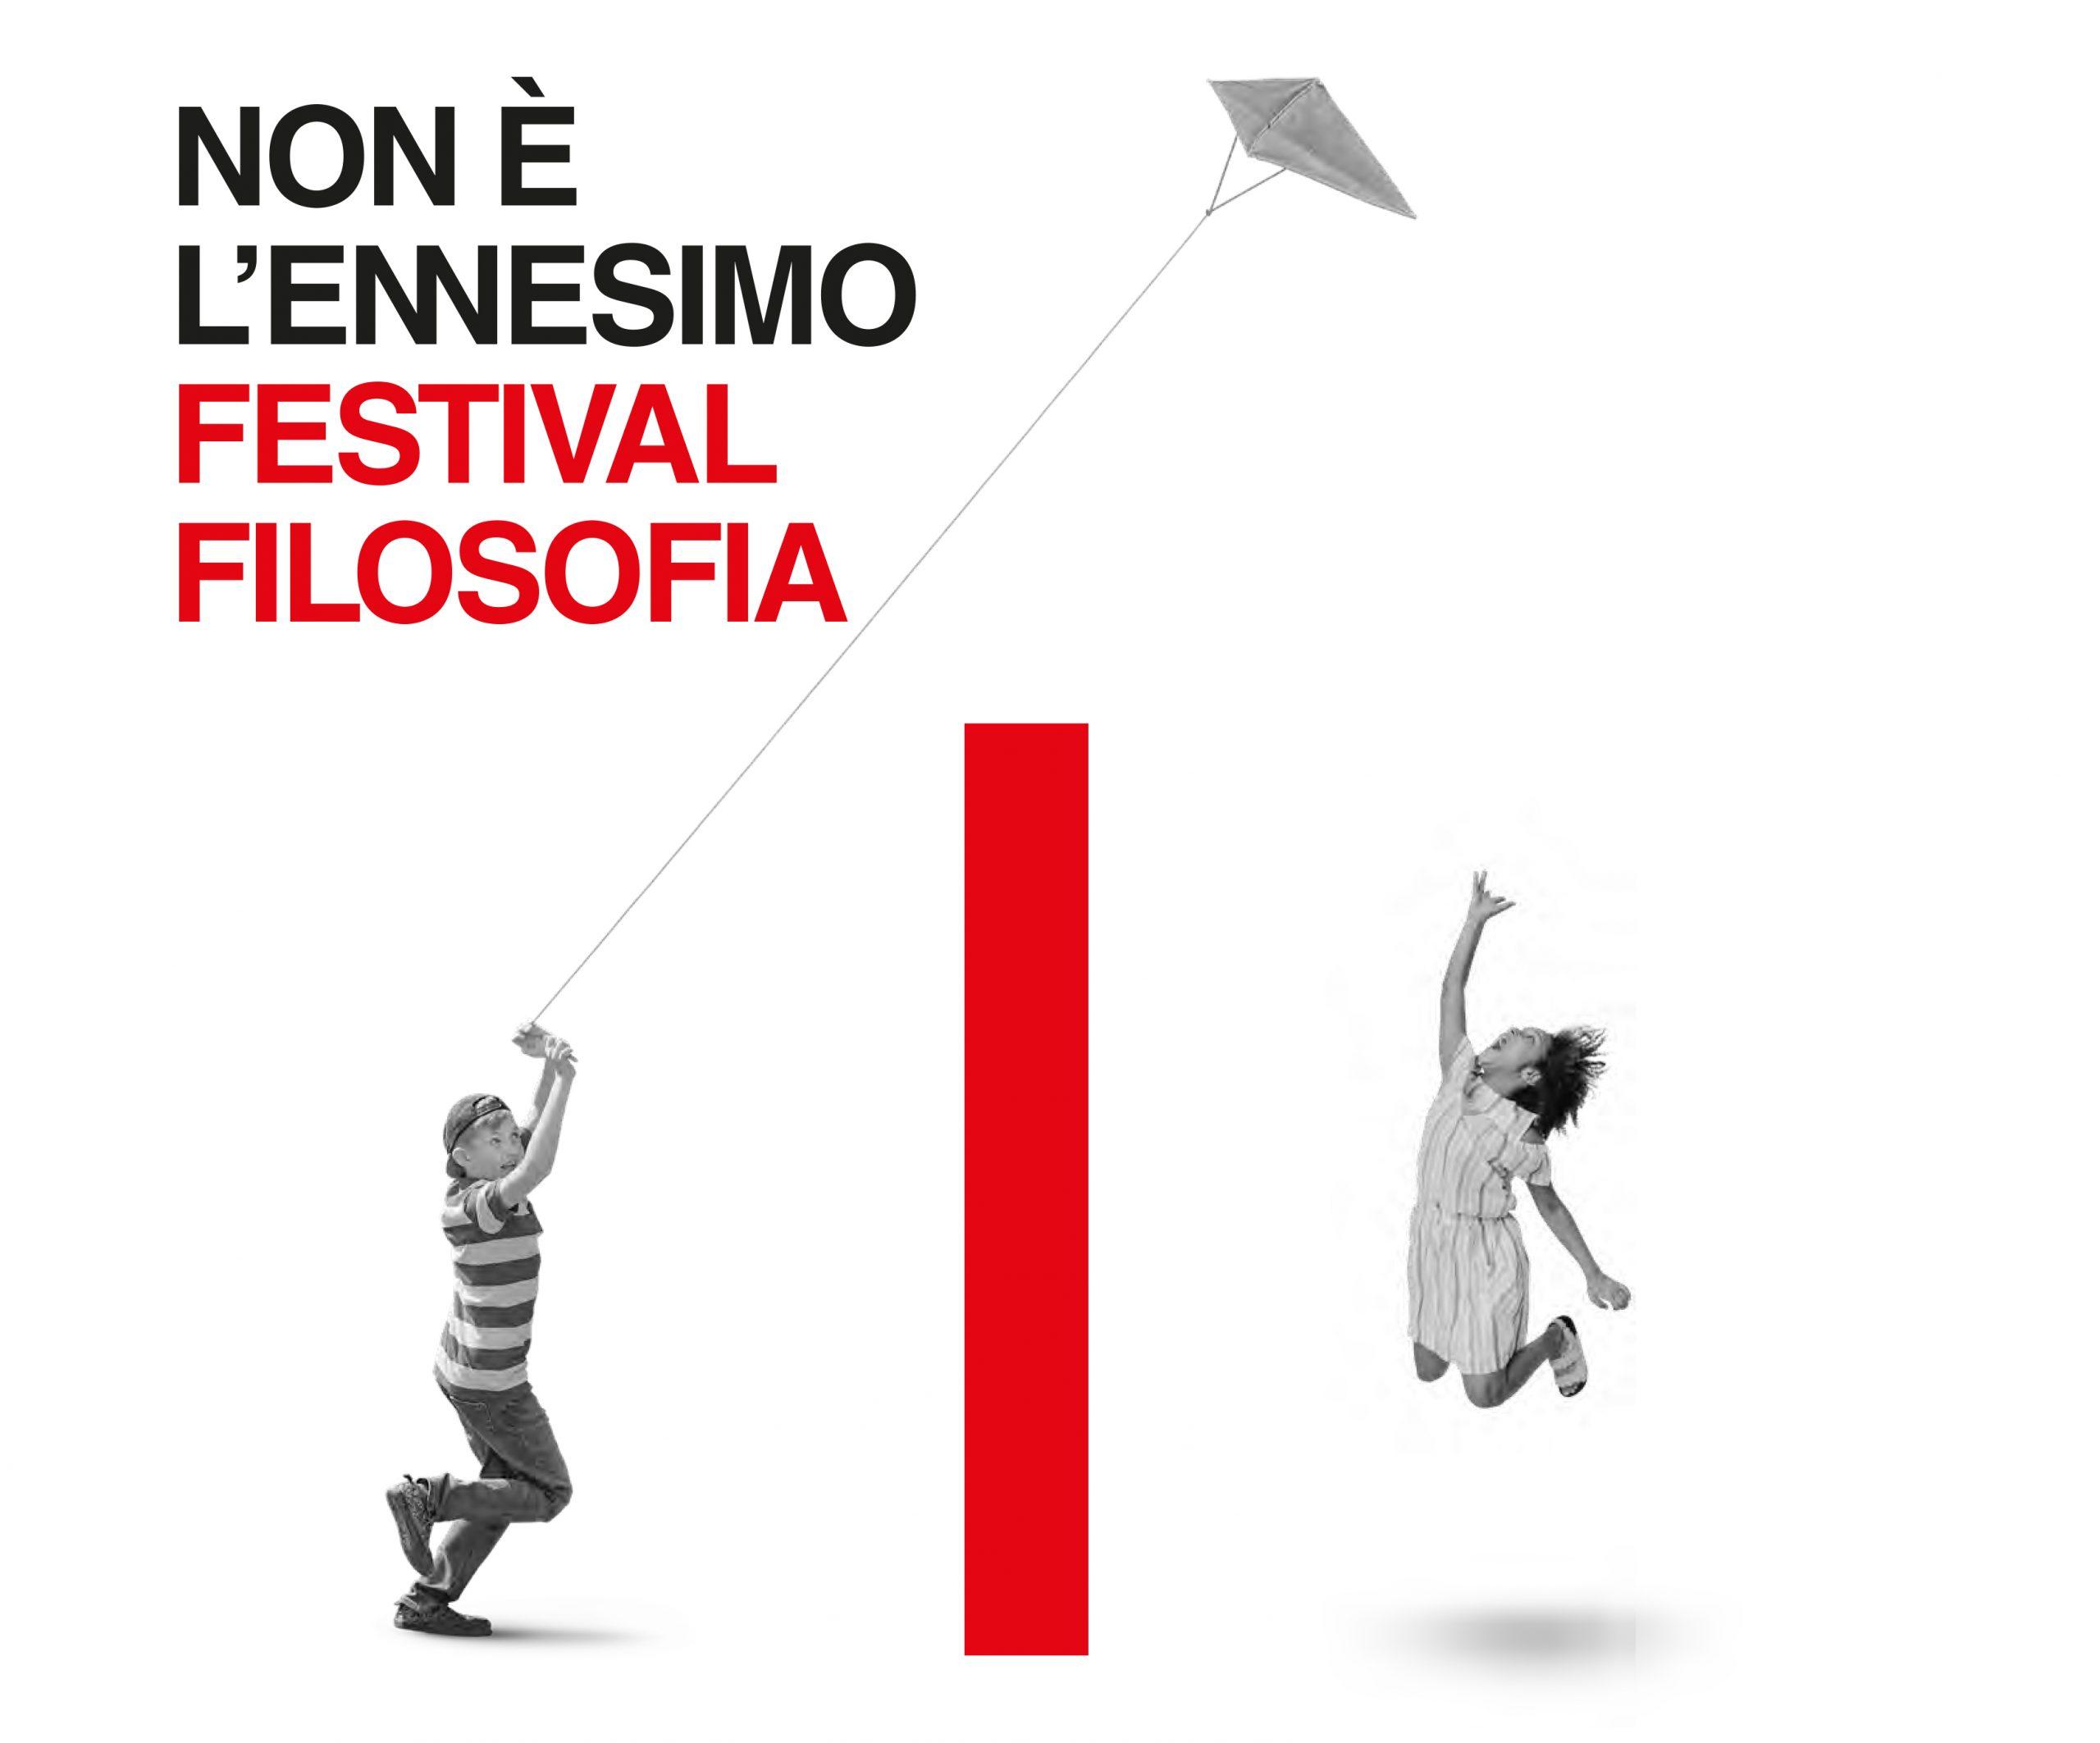 Non è l'Ennesimo Festival Filosofia